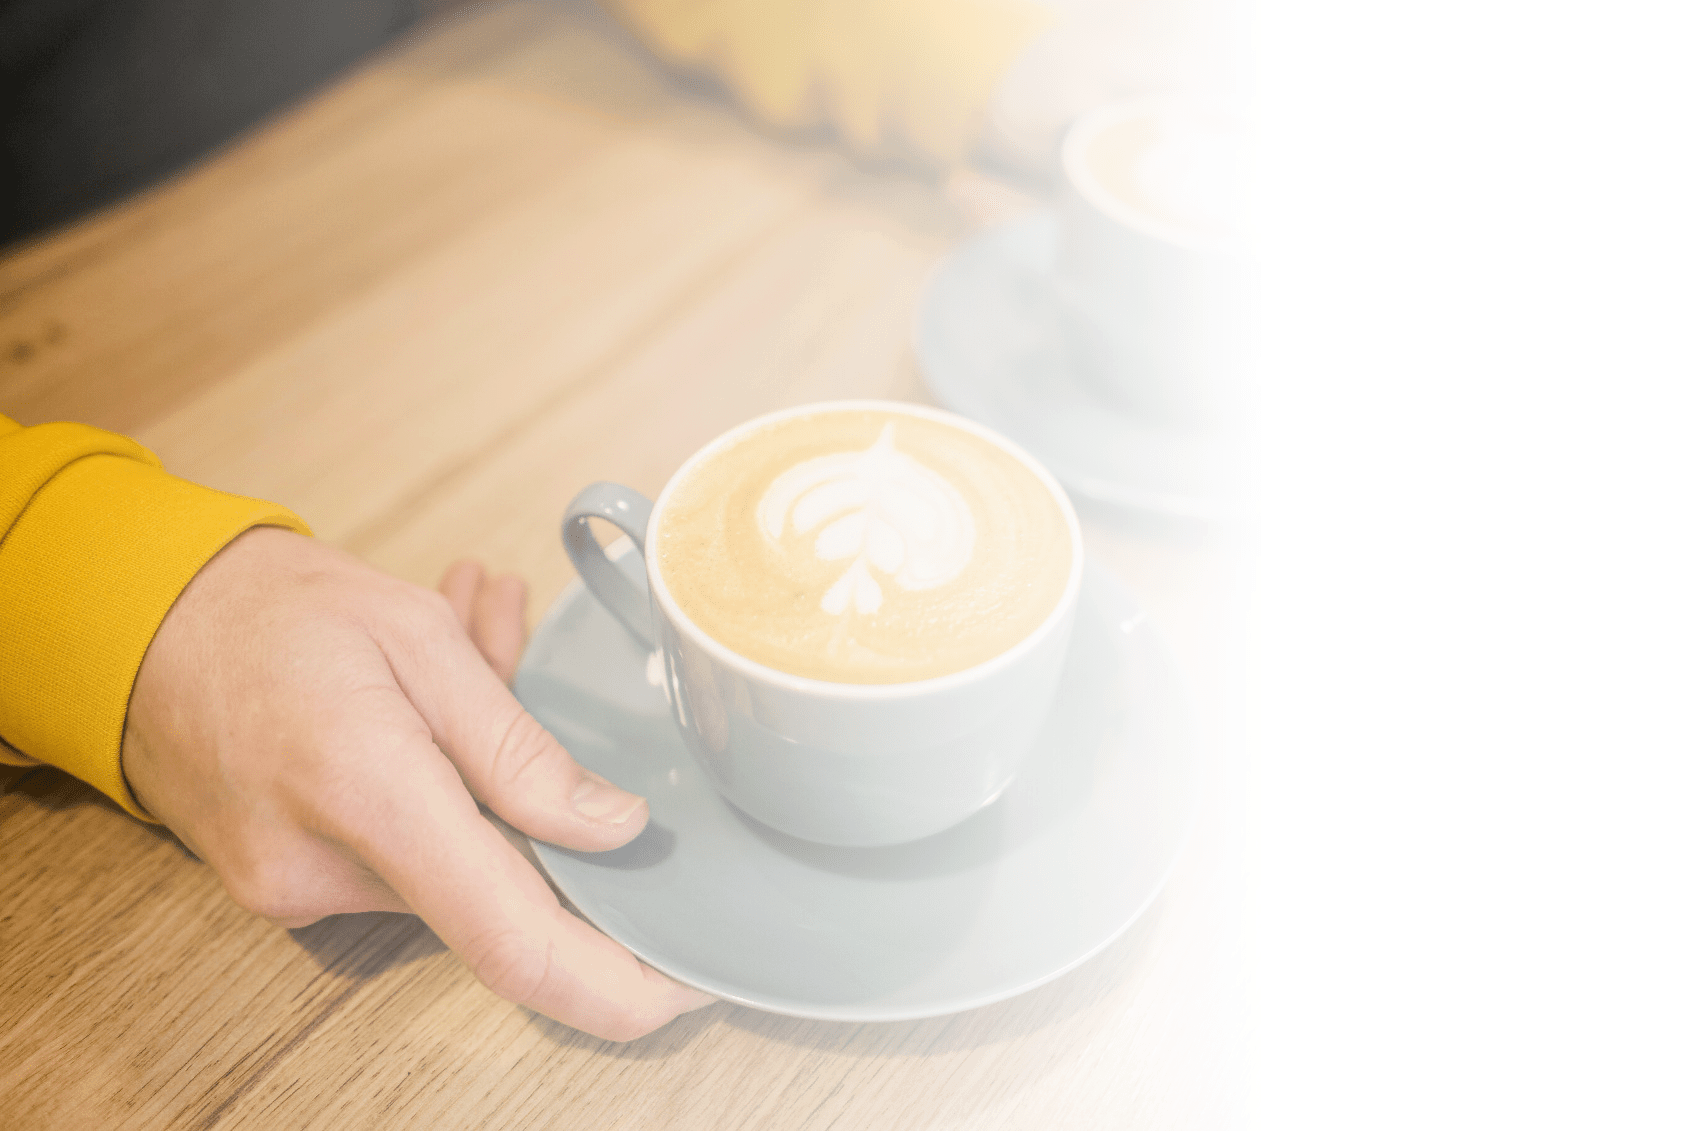 Das Bild zeigt eine Kaffee Tasse und symbolisiert Kaffee und Tee Flatrates für Mitarbeiter